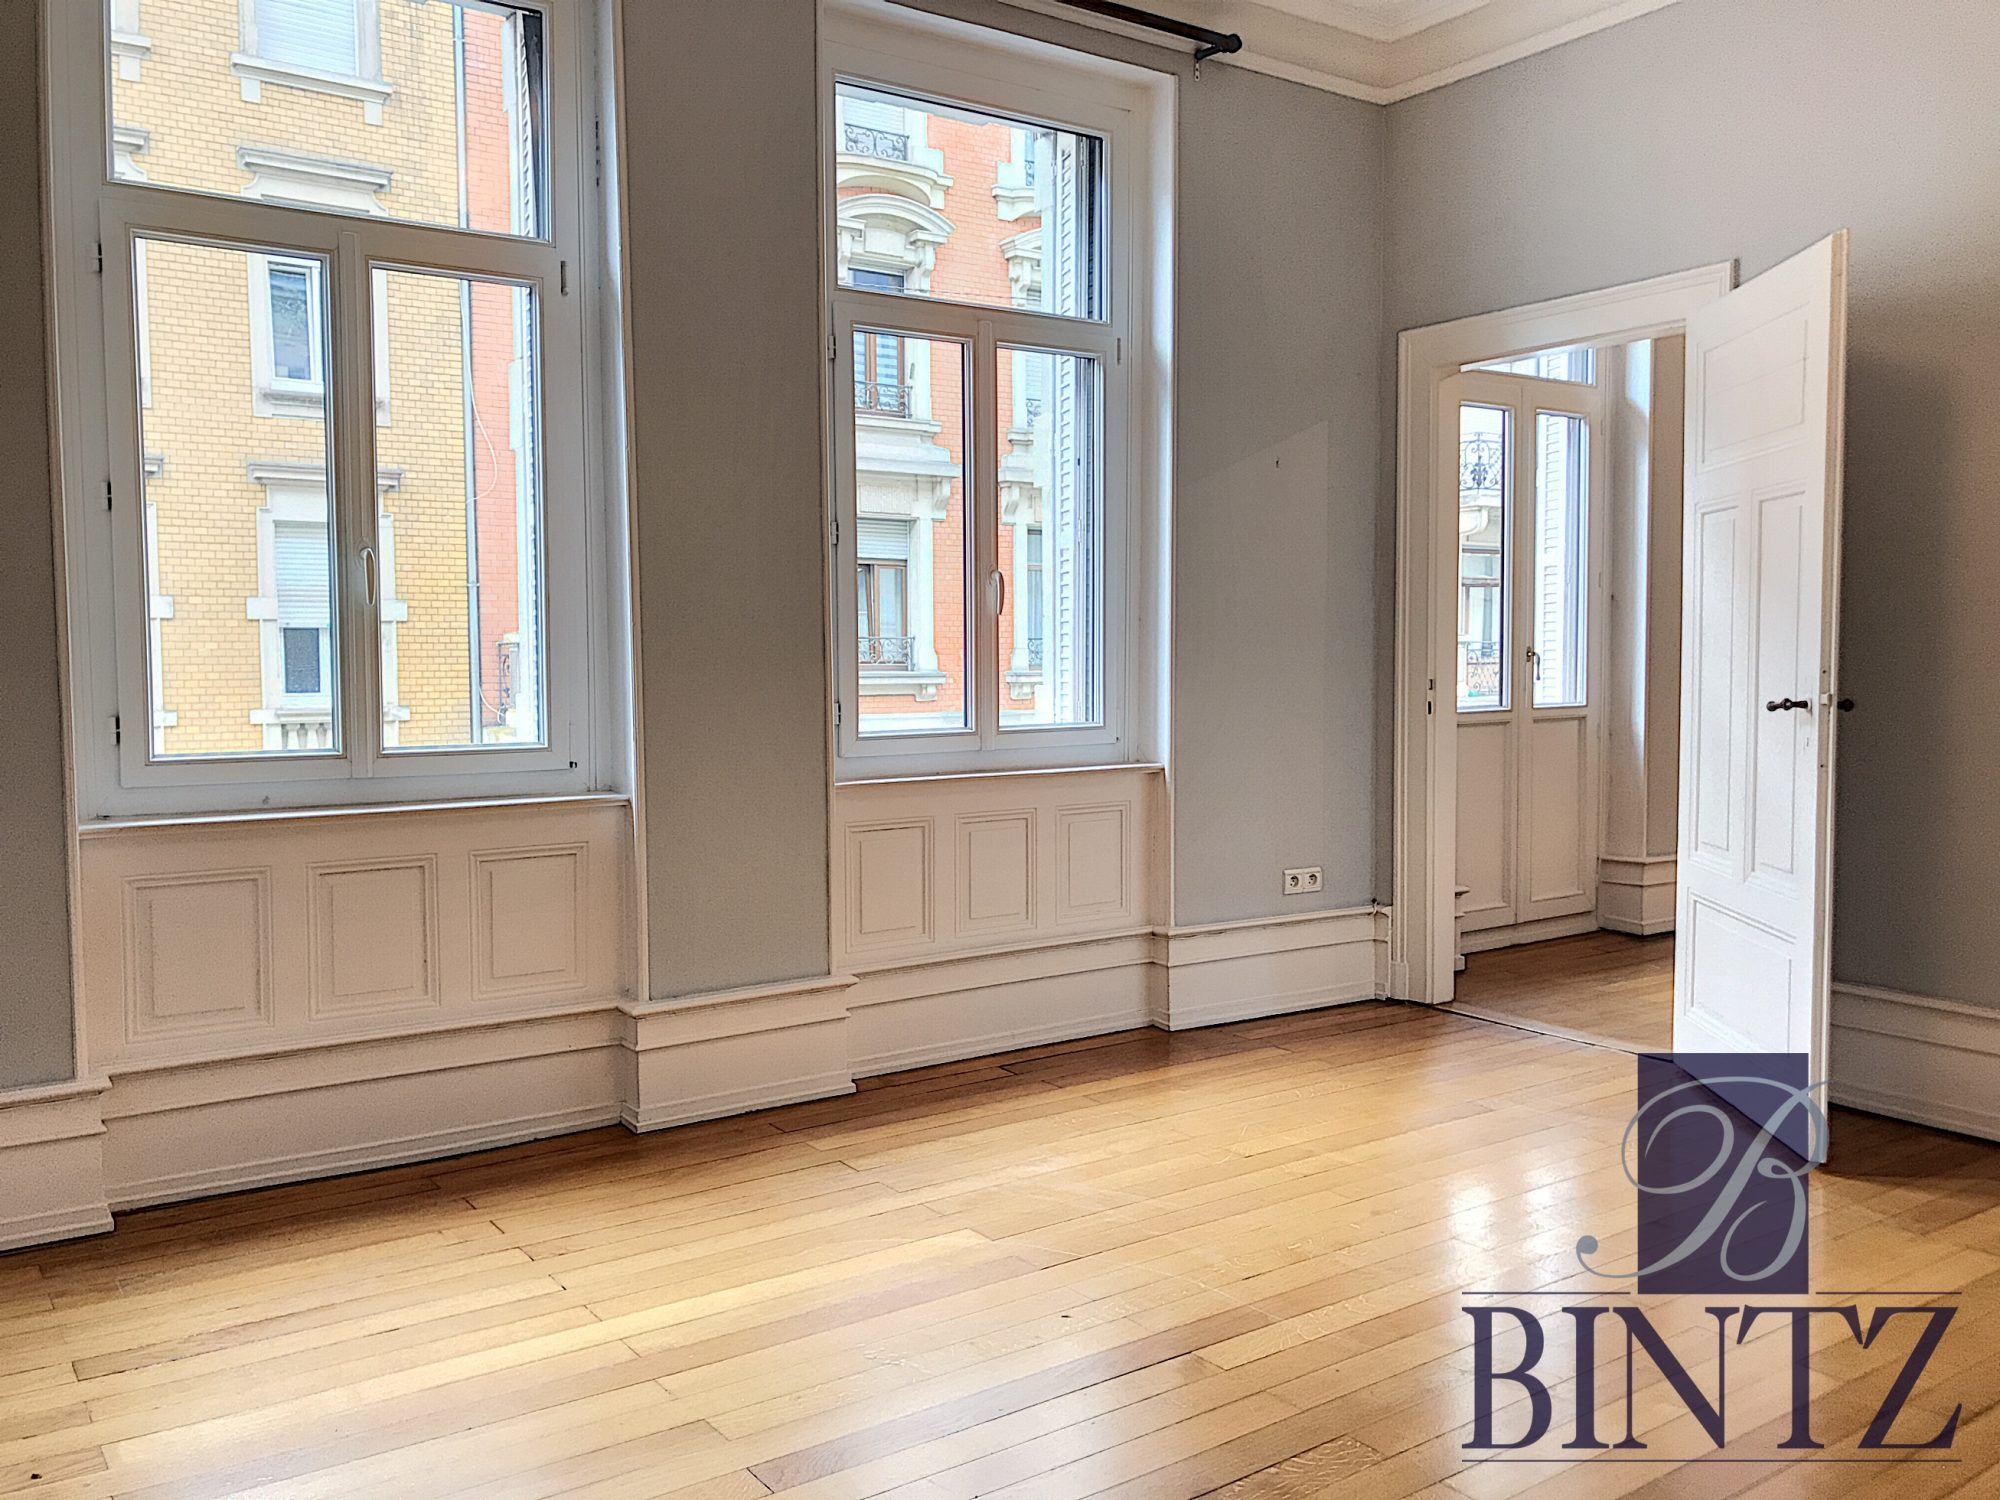 5 PIÈCES QUARTIER CONTADES AVEC 2 BALCONS - Devenez propriétaire en toute confiance - Bintz Immobilier - 2